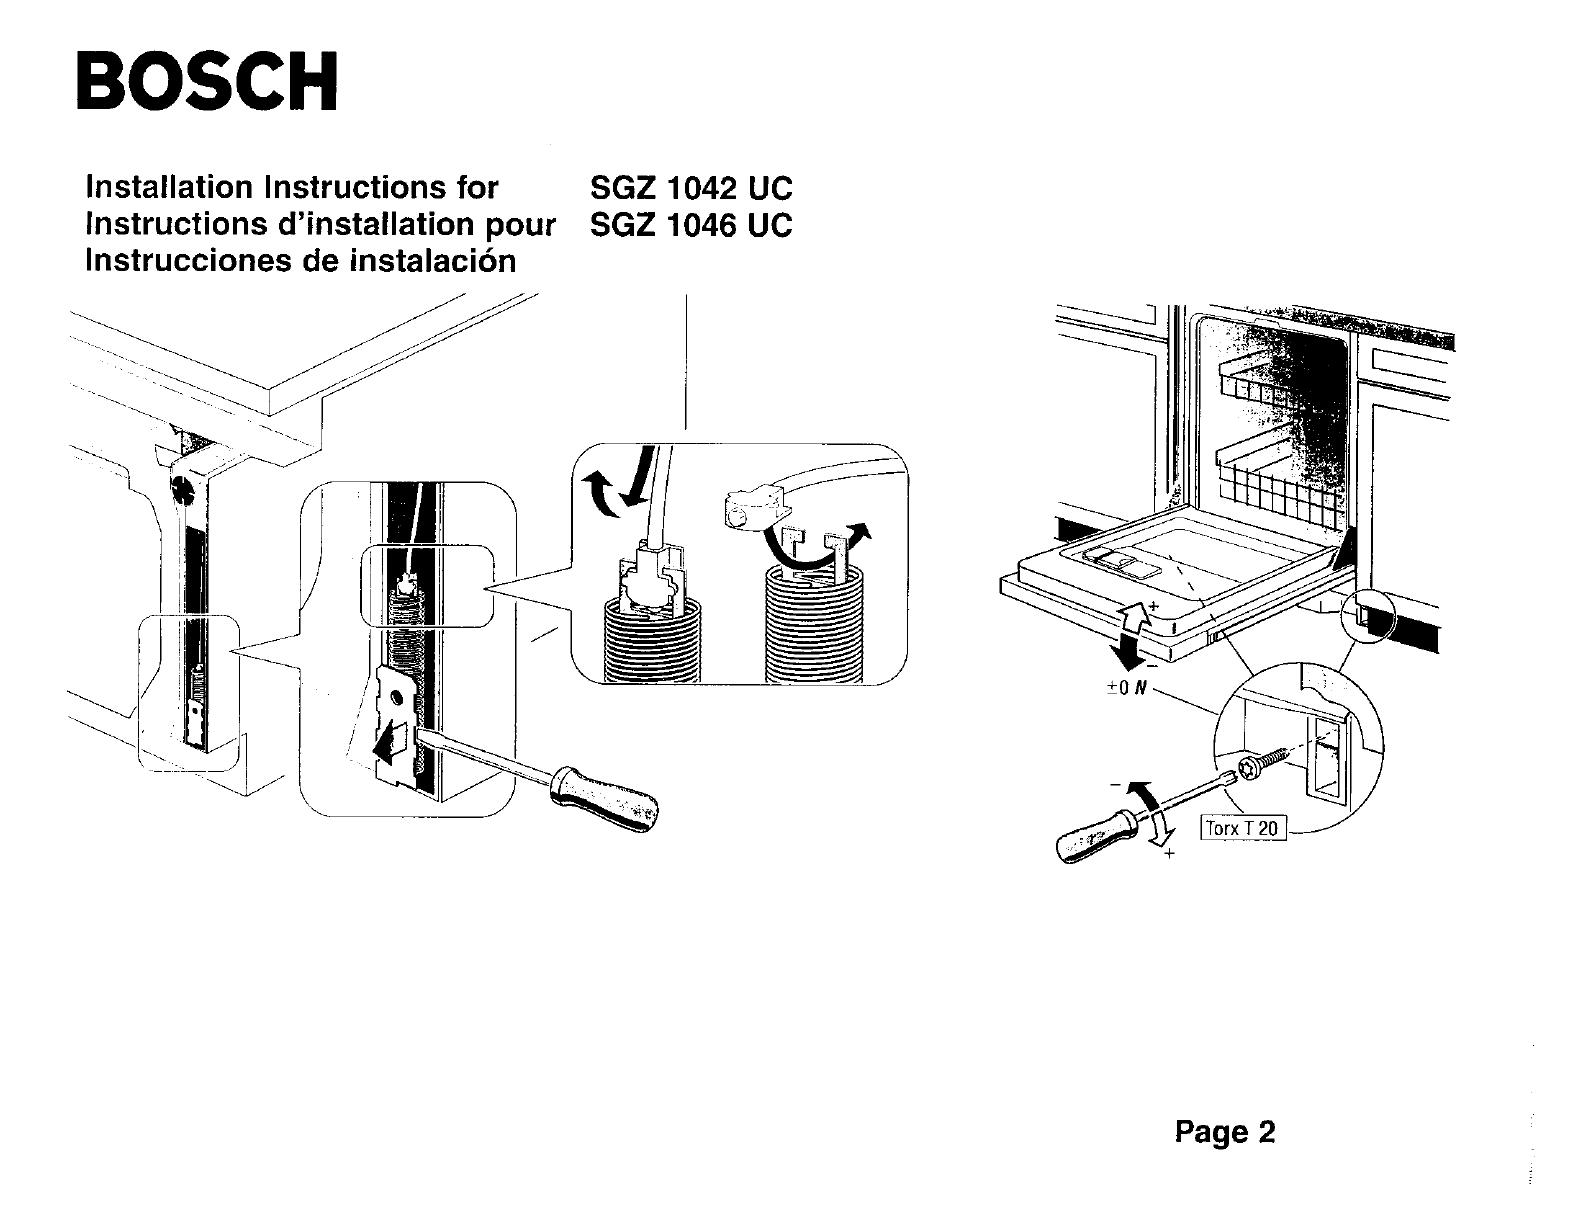 BOSCH Dishwasher Manual L0020047